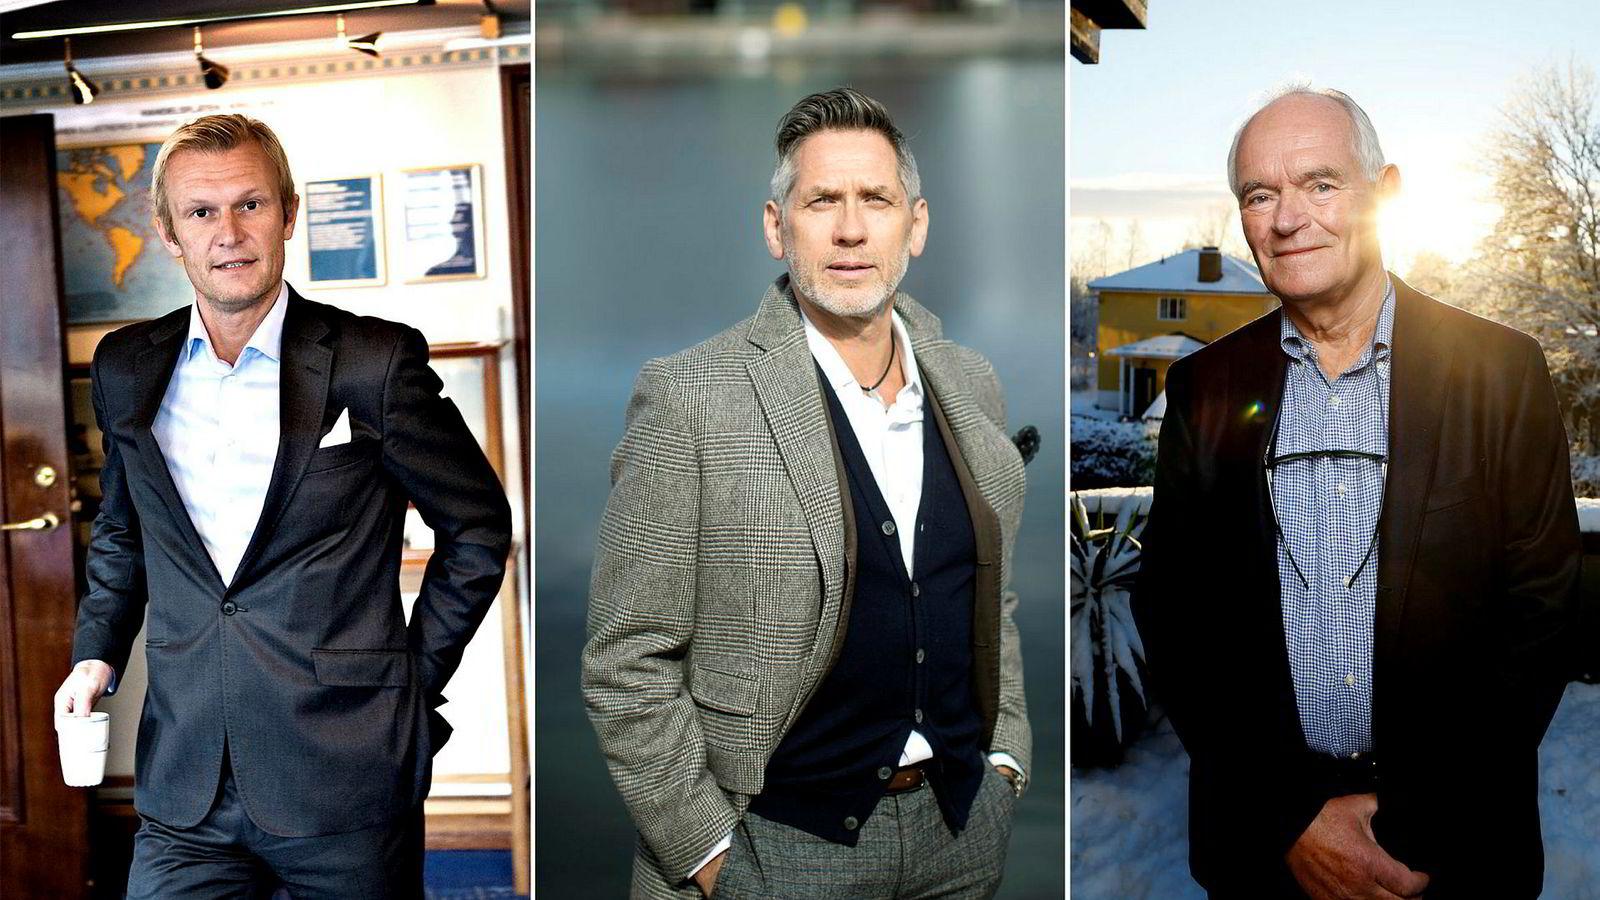 Styreleder Lars Moldestad (fra venstre), toppsjef Jonny Hesthammer, og investor Trond Mohn i oljeselskapet M Vest Energy satser på oljeopptur.